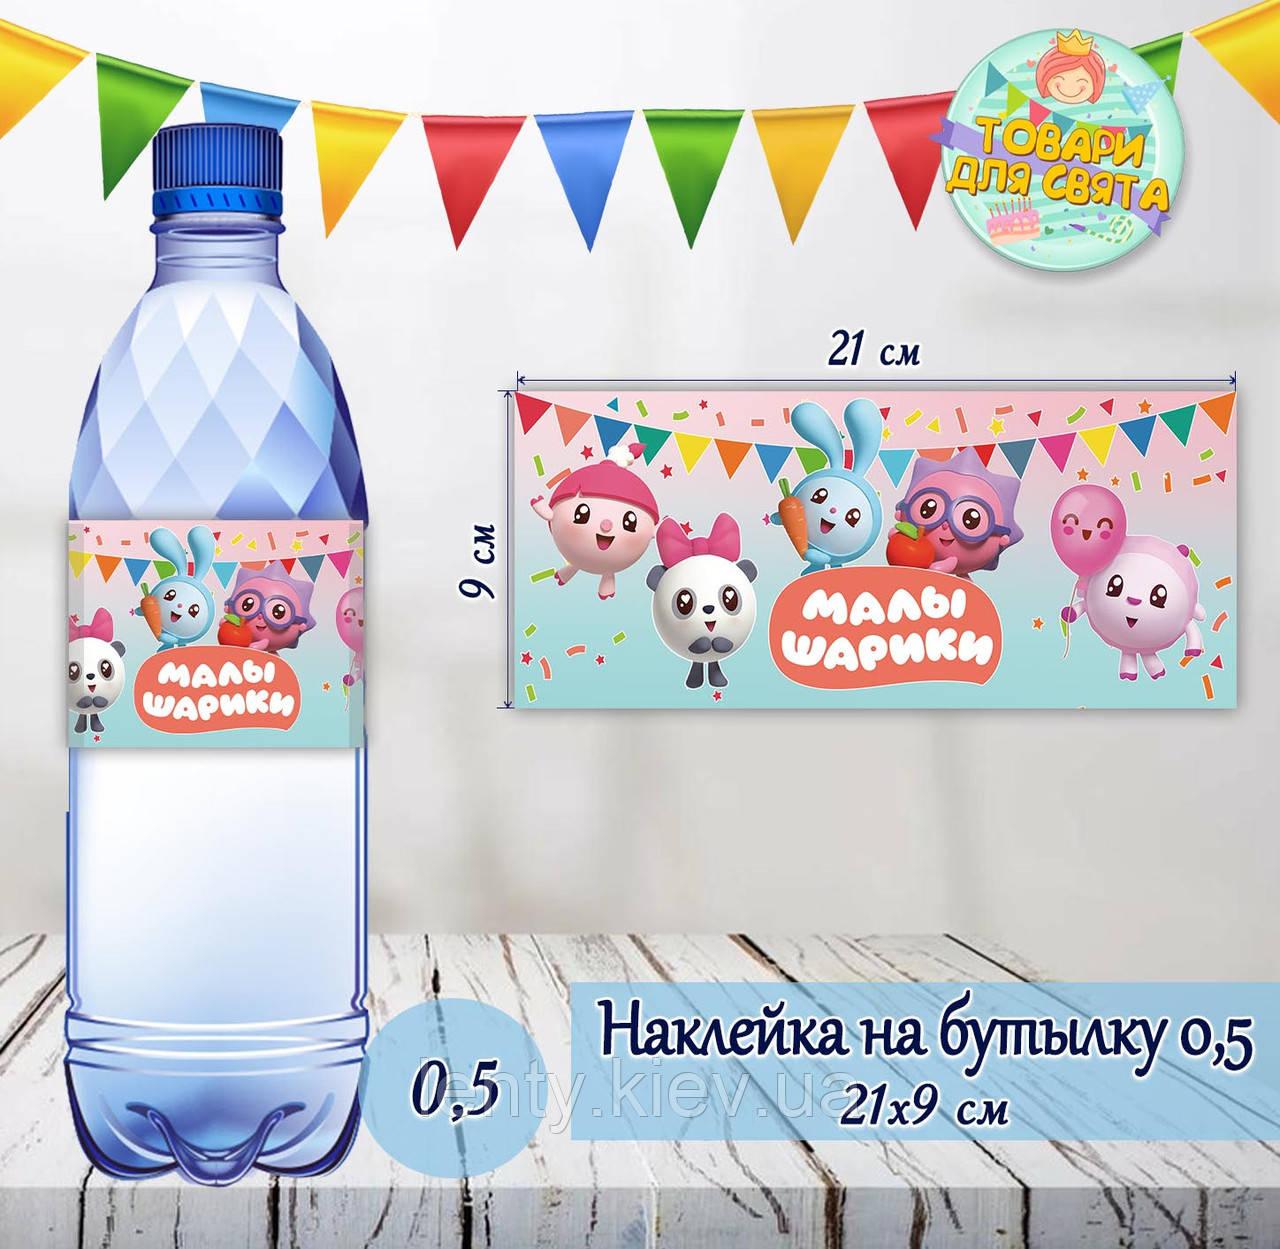 Наклейки Бутылку 0,5 л (21*9см) -малотиражные (розово-голубой) -Малышарики